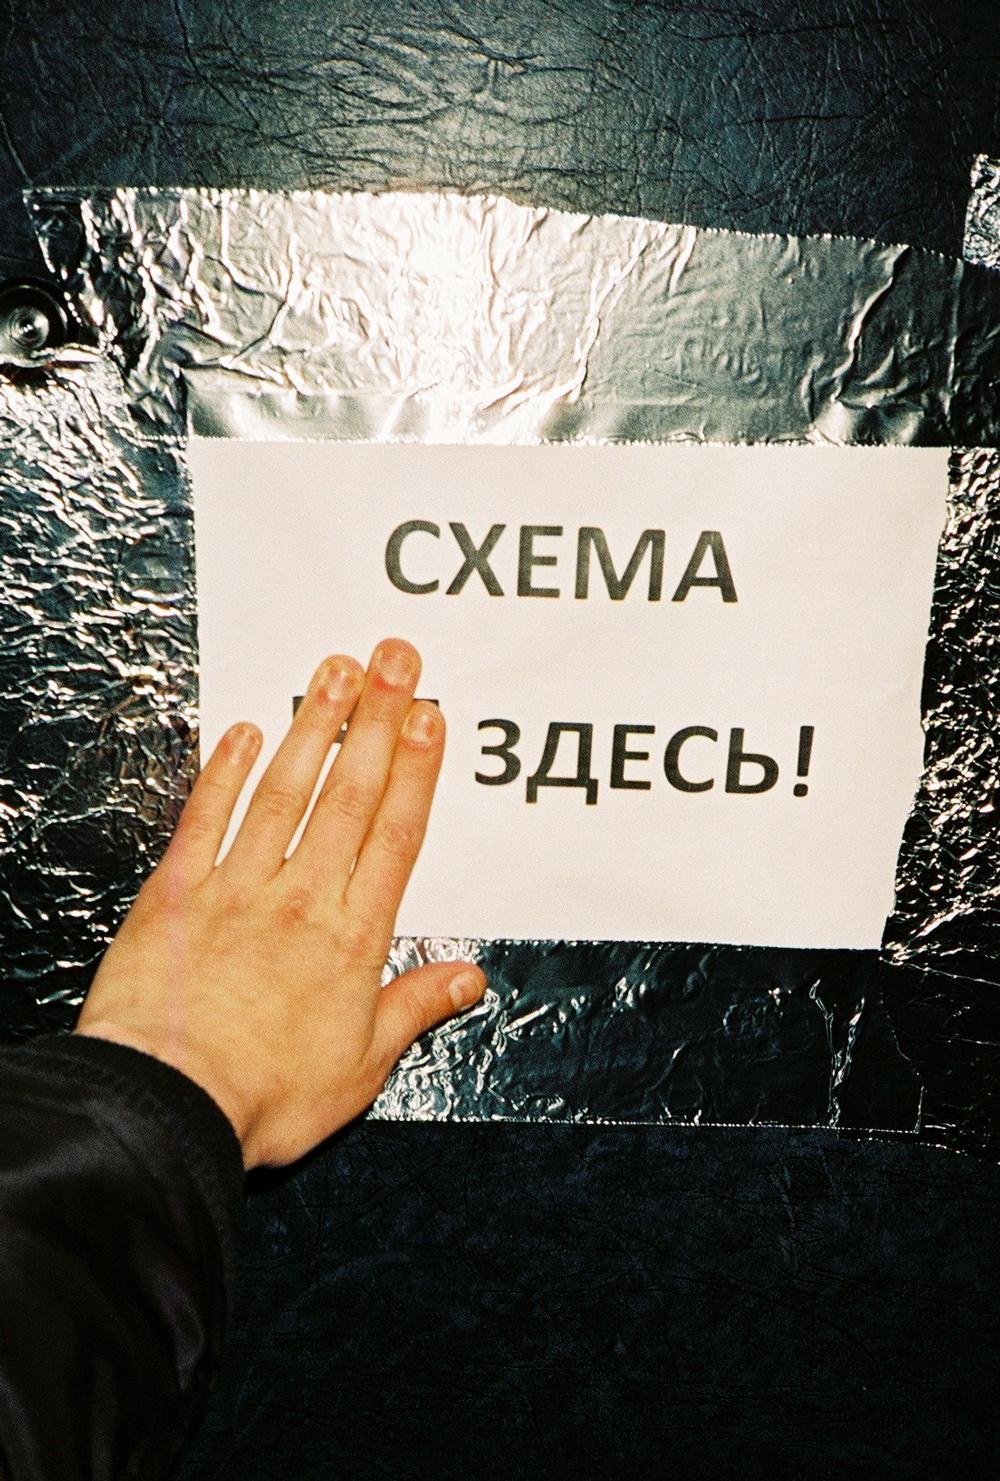 «Киевские рейверы самые лучшие и оригинальные, их искренность поражает. Если вы отправитесь в Нью-Йо